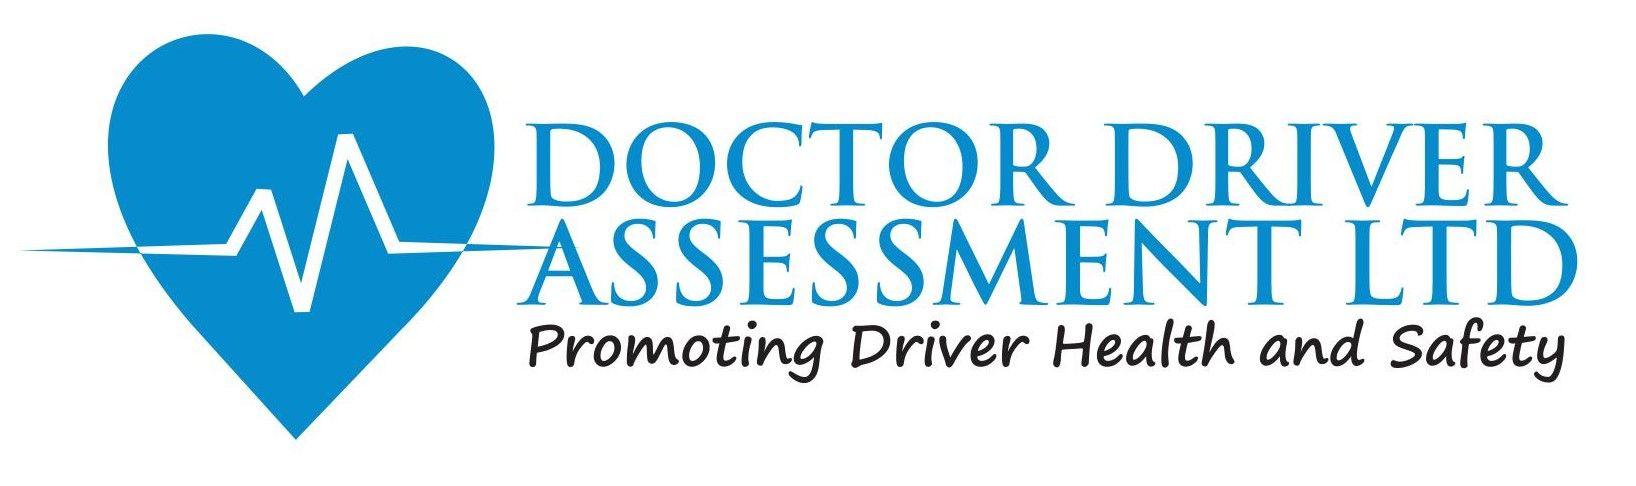 Doctor Driver Assessment Logo